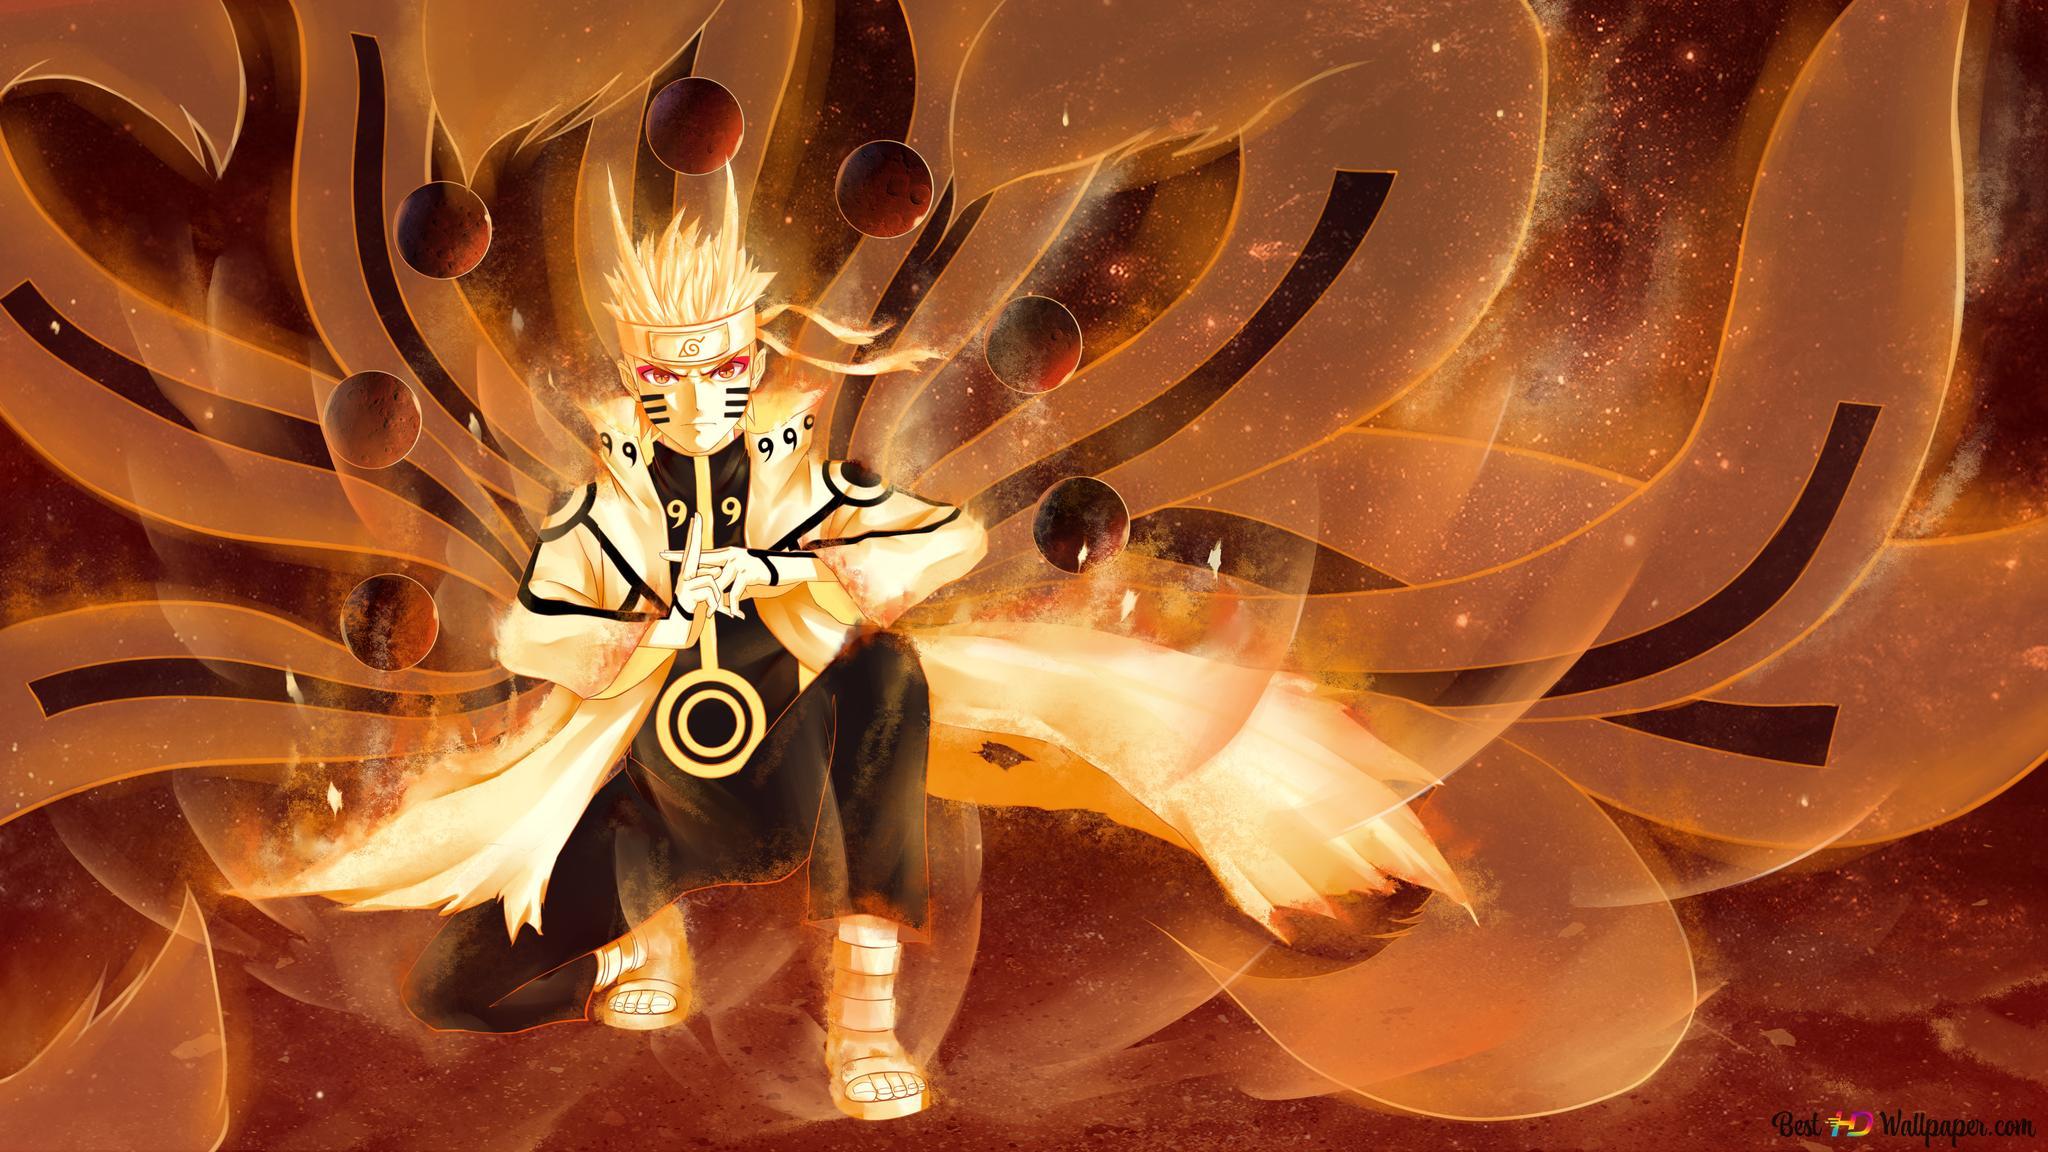 Naruto Shippuden Naruto Uzumaki Nine Mode Tail Hd Fond D